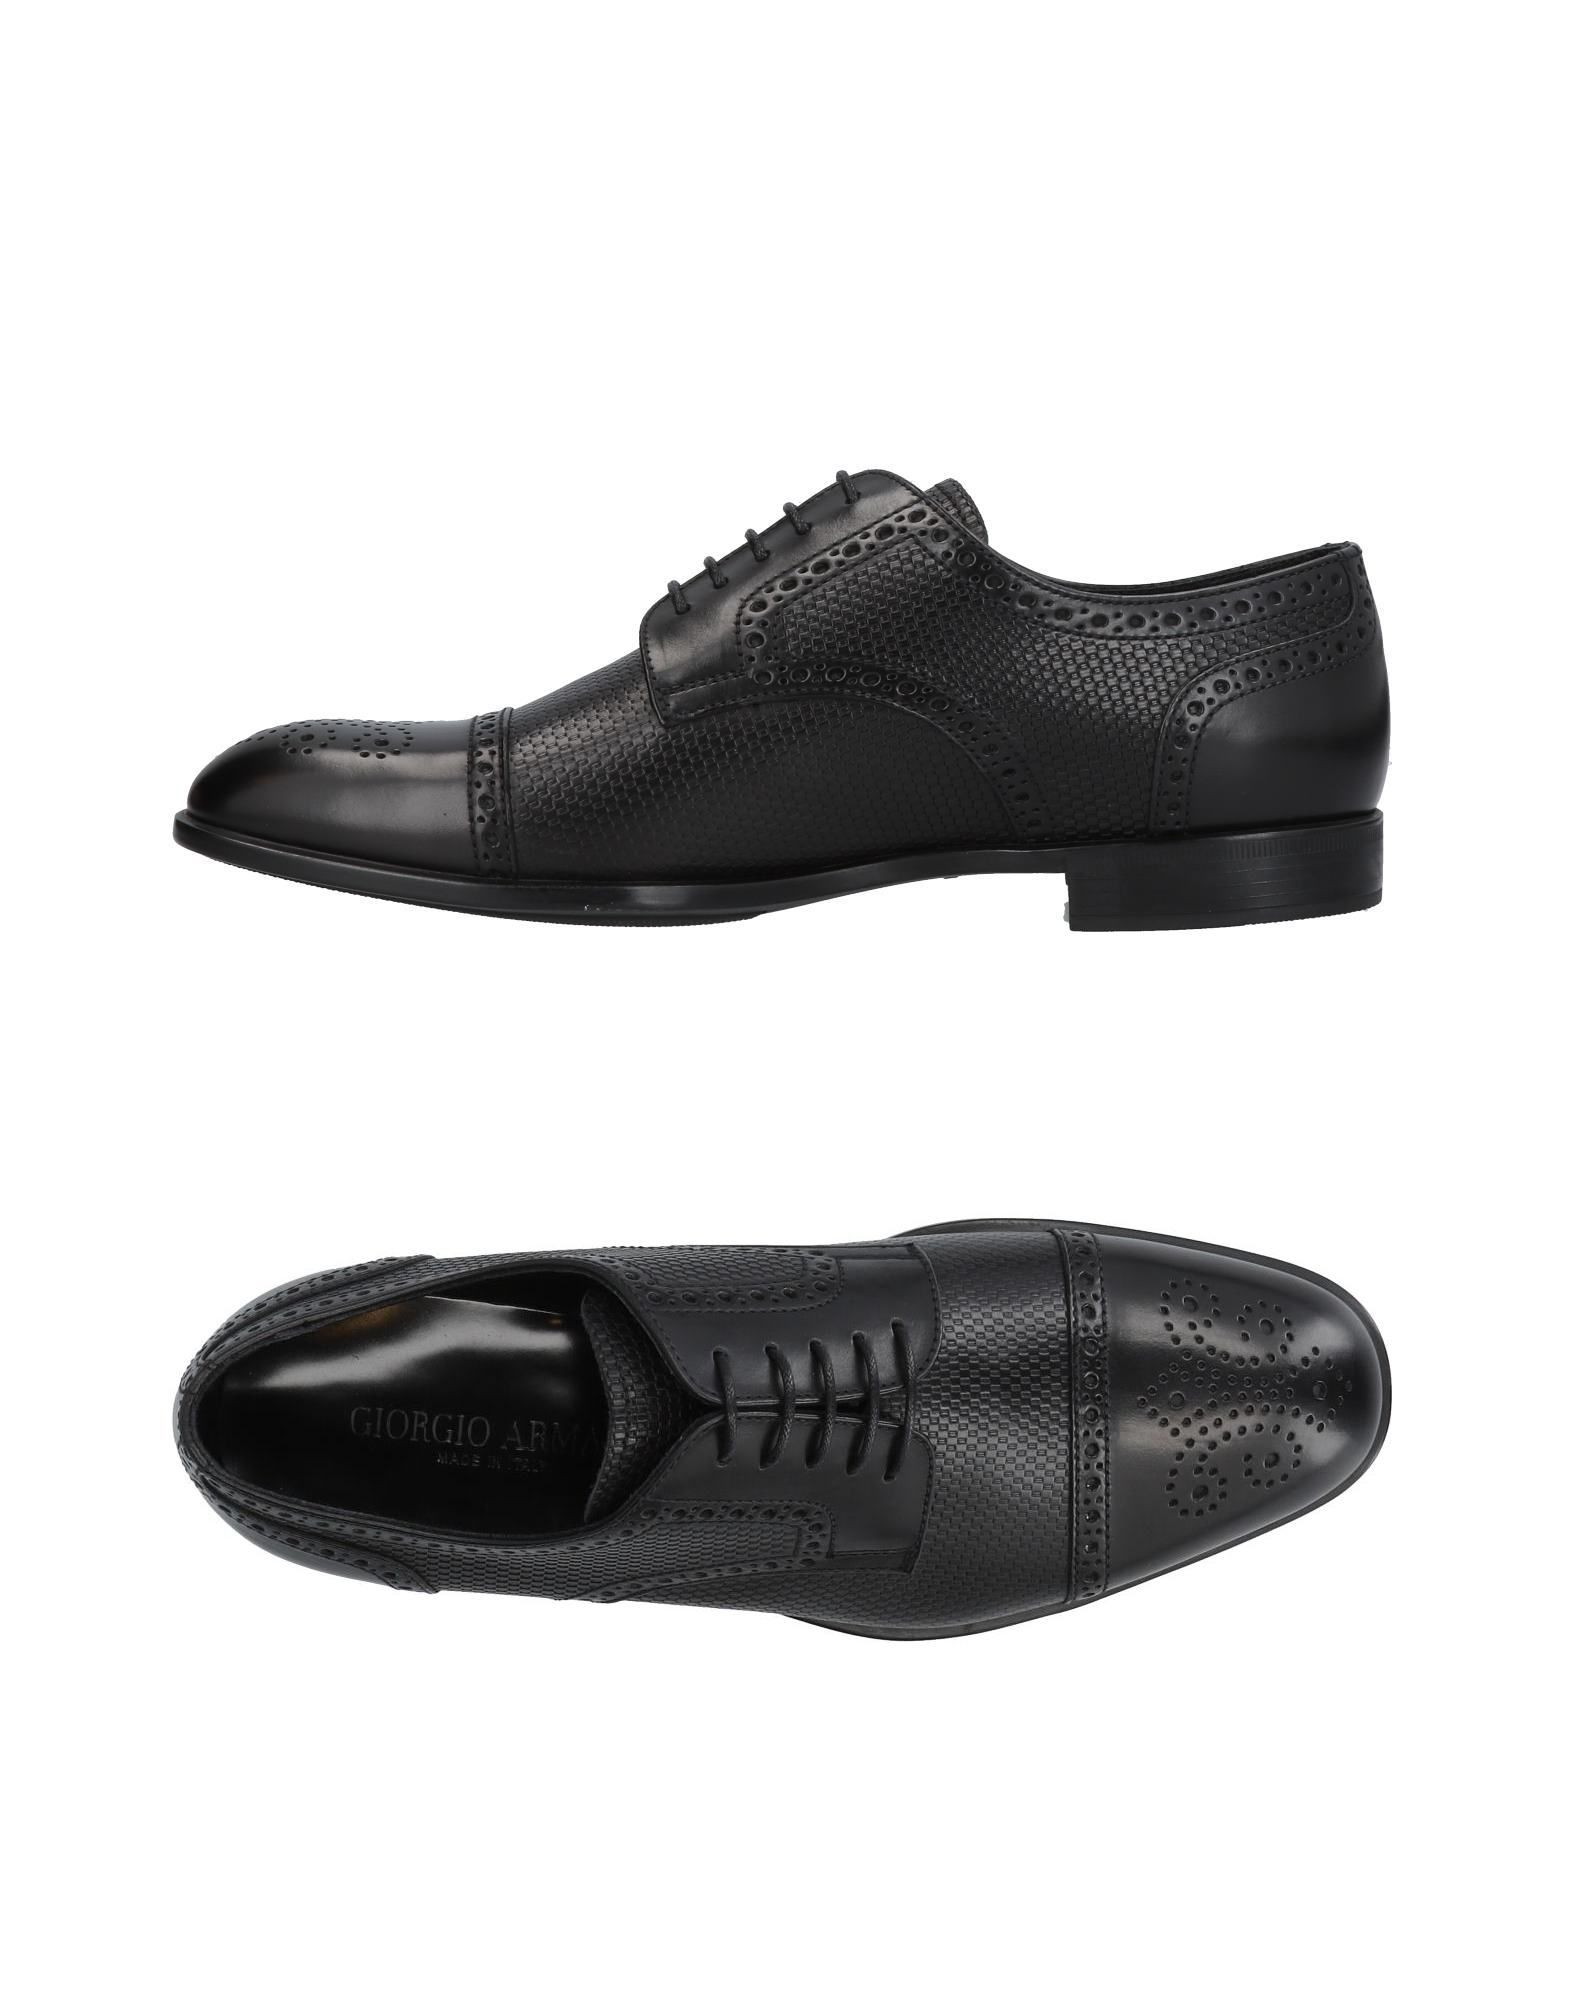 Chaussures - Chaussures À Lacets Armani De Giorgio QLVsPn